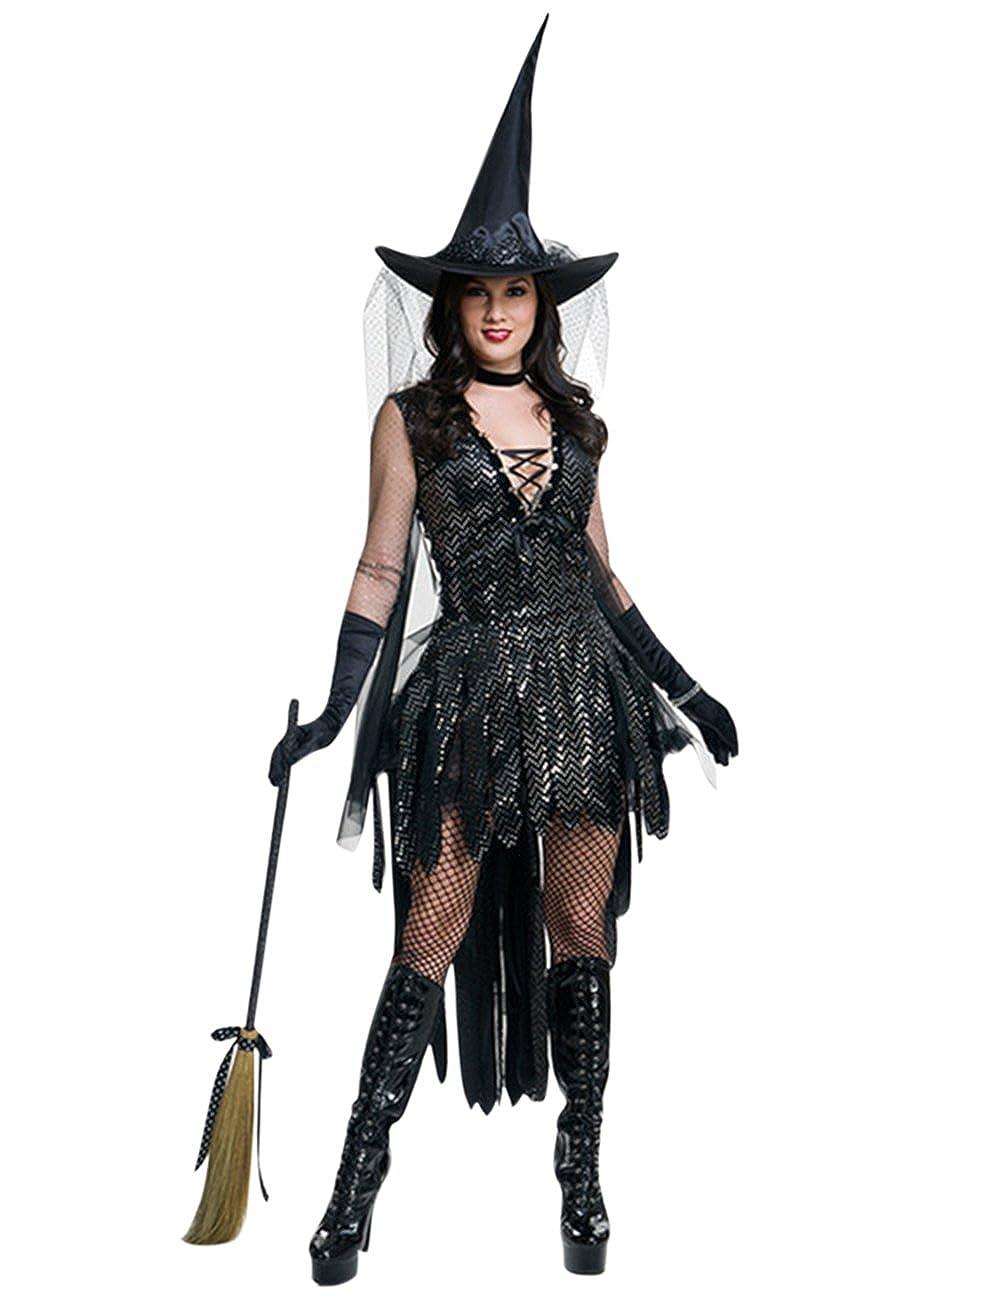 XUBA Traje de Bruja del Traje Sexy de Cosplay de Fiesta Las Mujeres para La Fiesta de de Maquillaje Traje de Rendimiento Elegante de Halloween Negro 6005f1